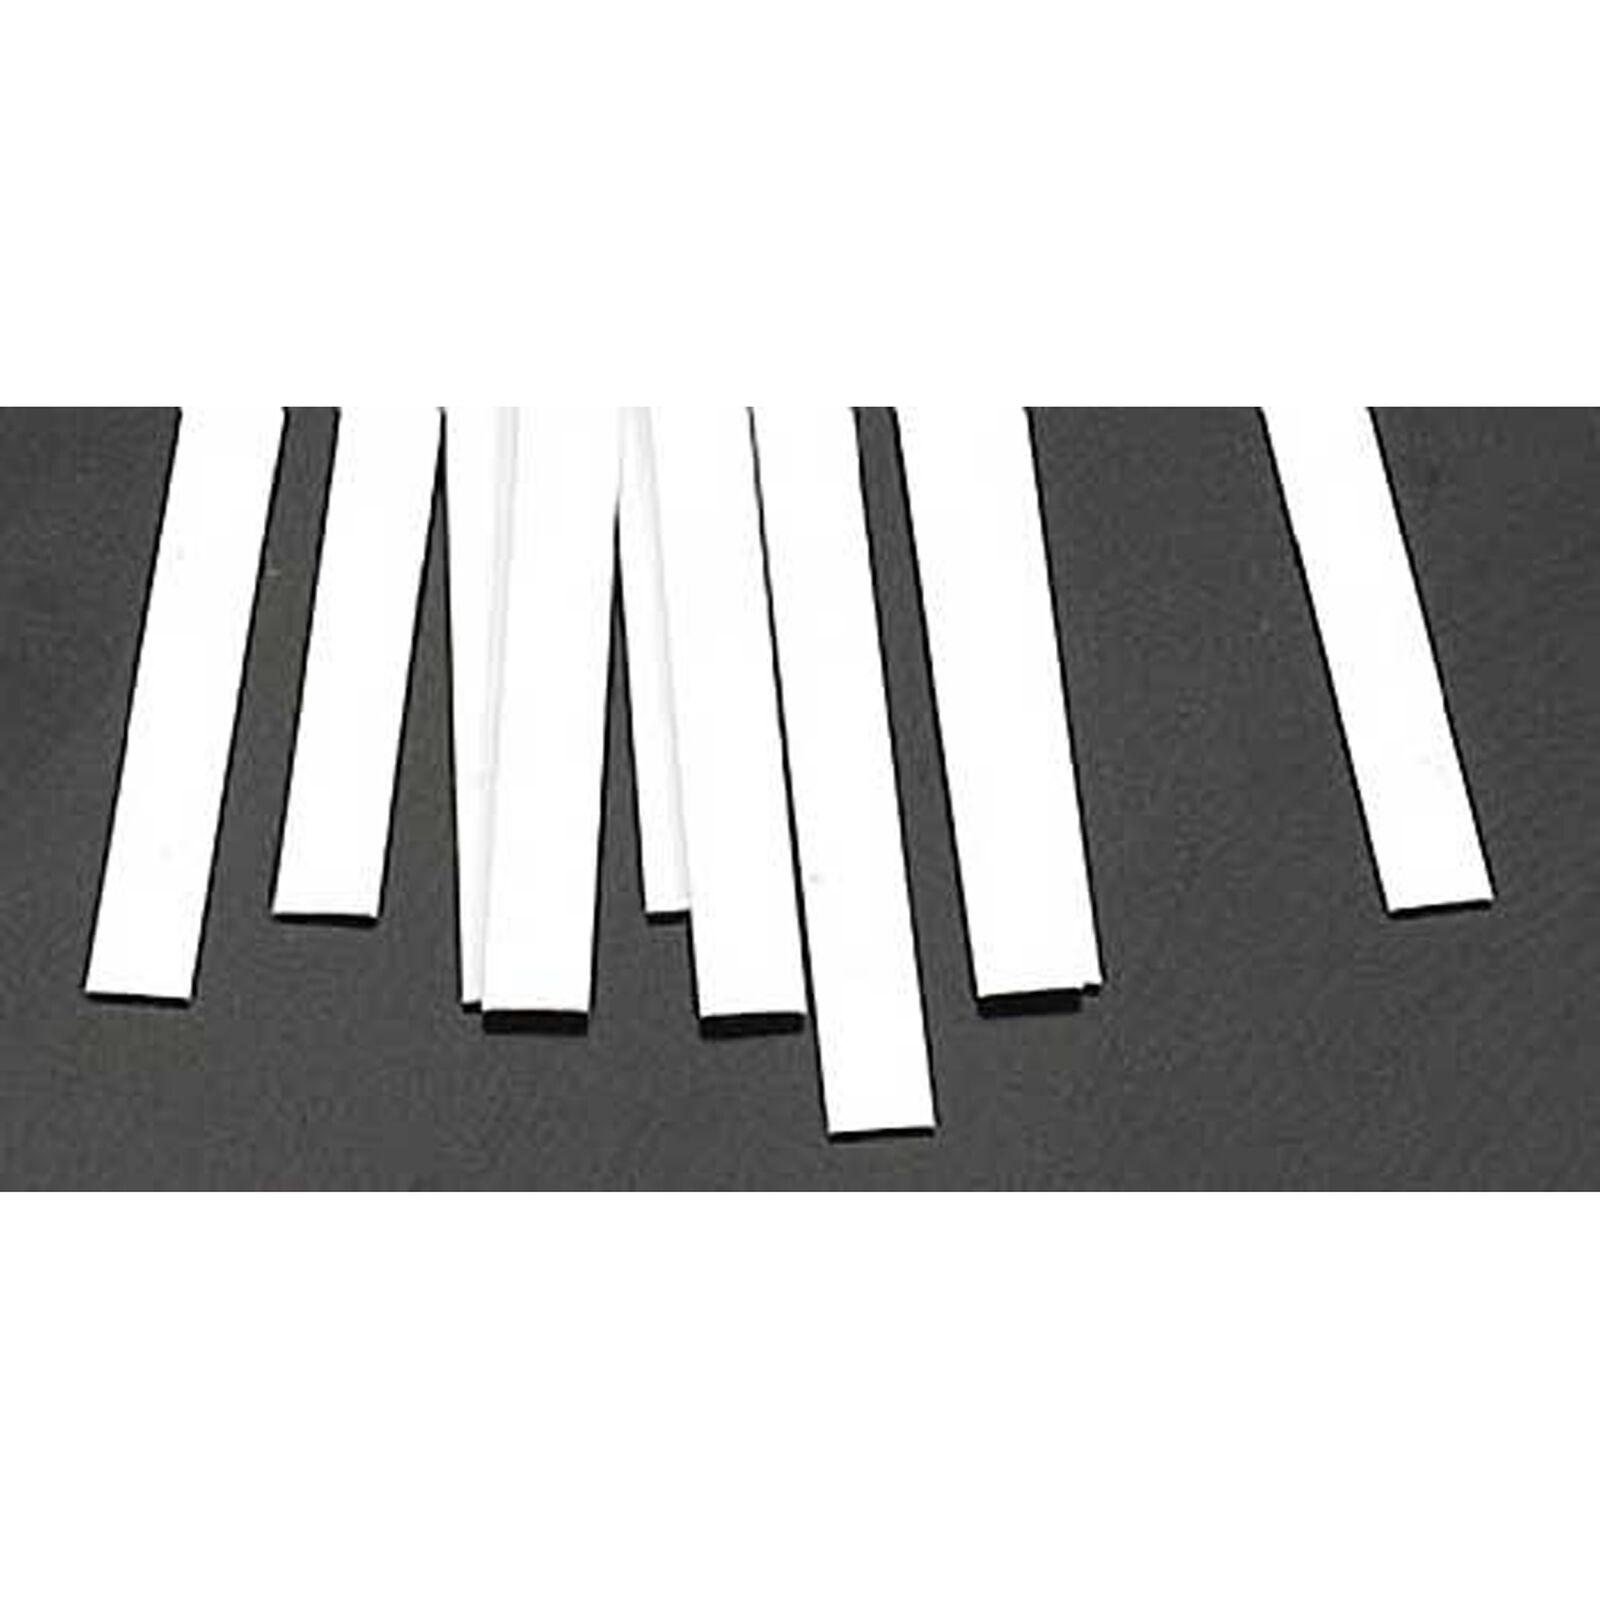 MS-325 Rect Strip,.030x.250 (10)